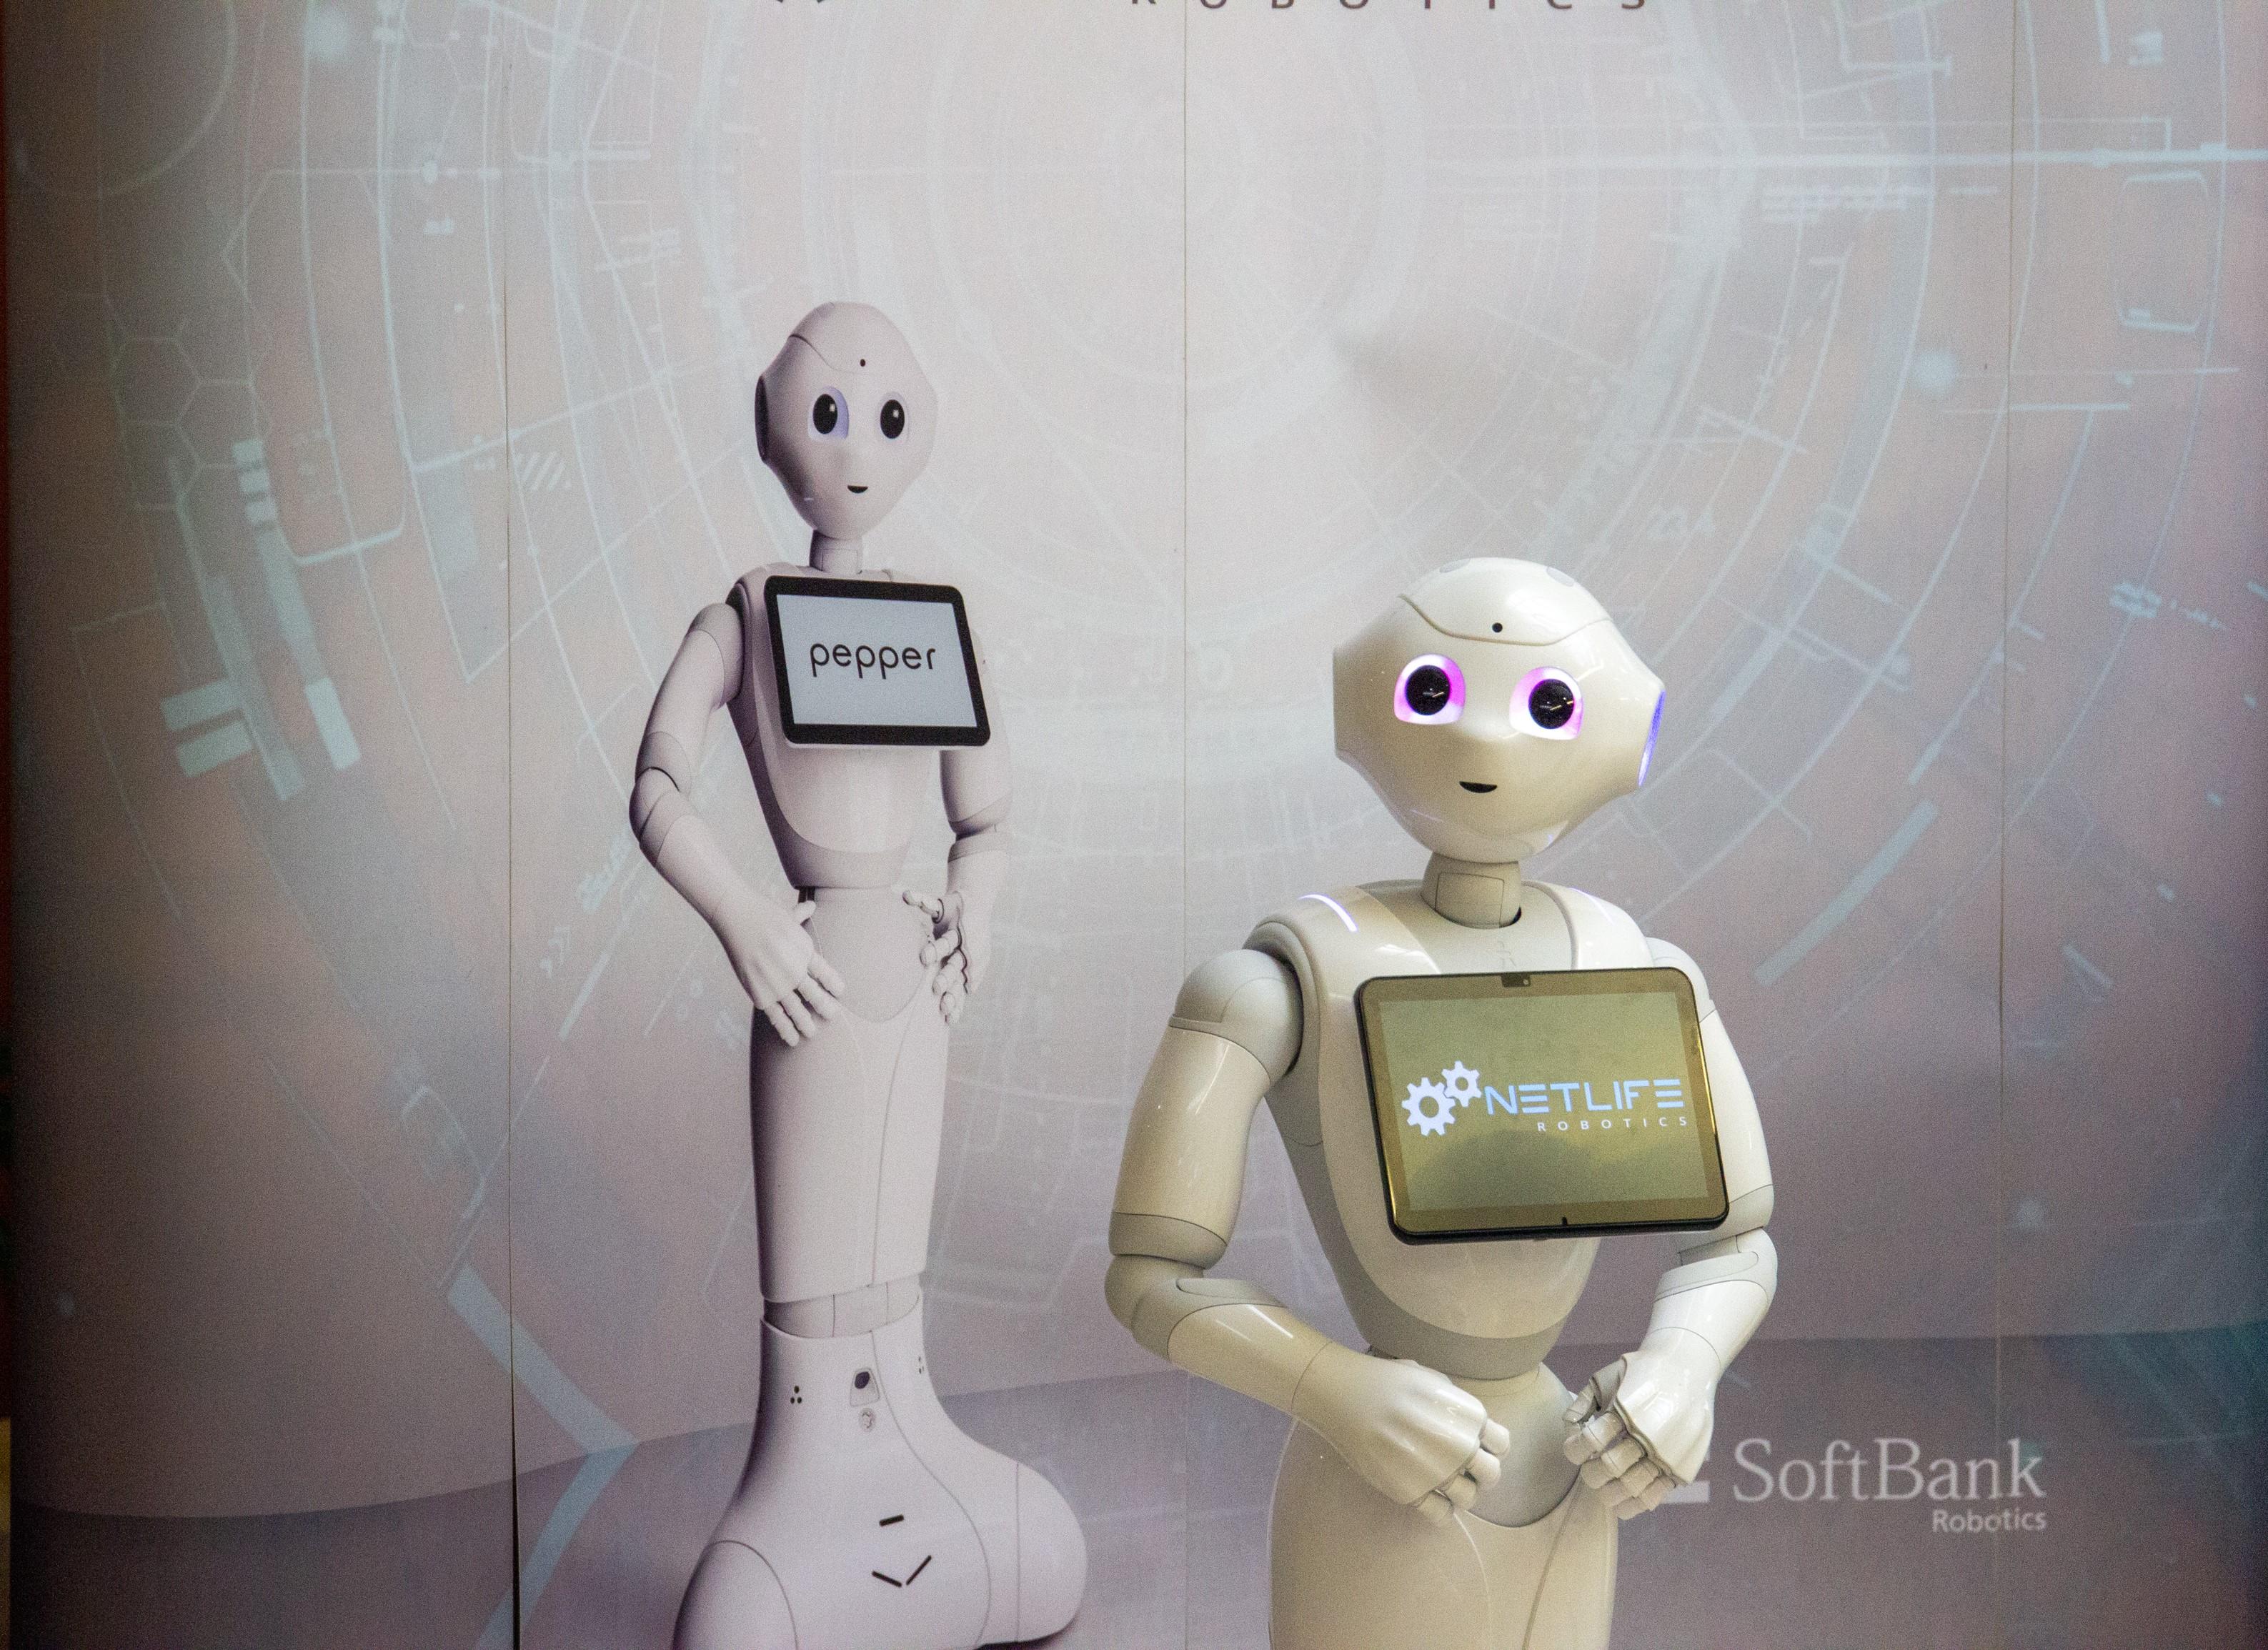 kereskedelmi robotok létrehozása kis összegű kereskedésből származó nyereség